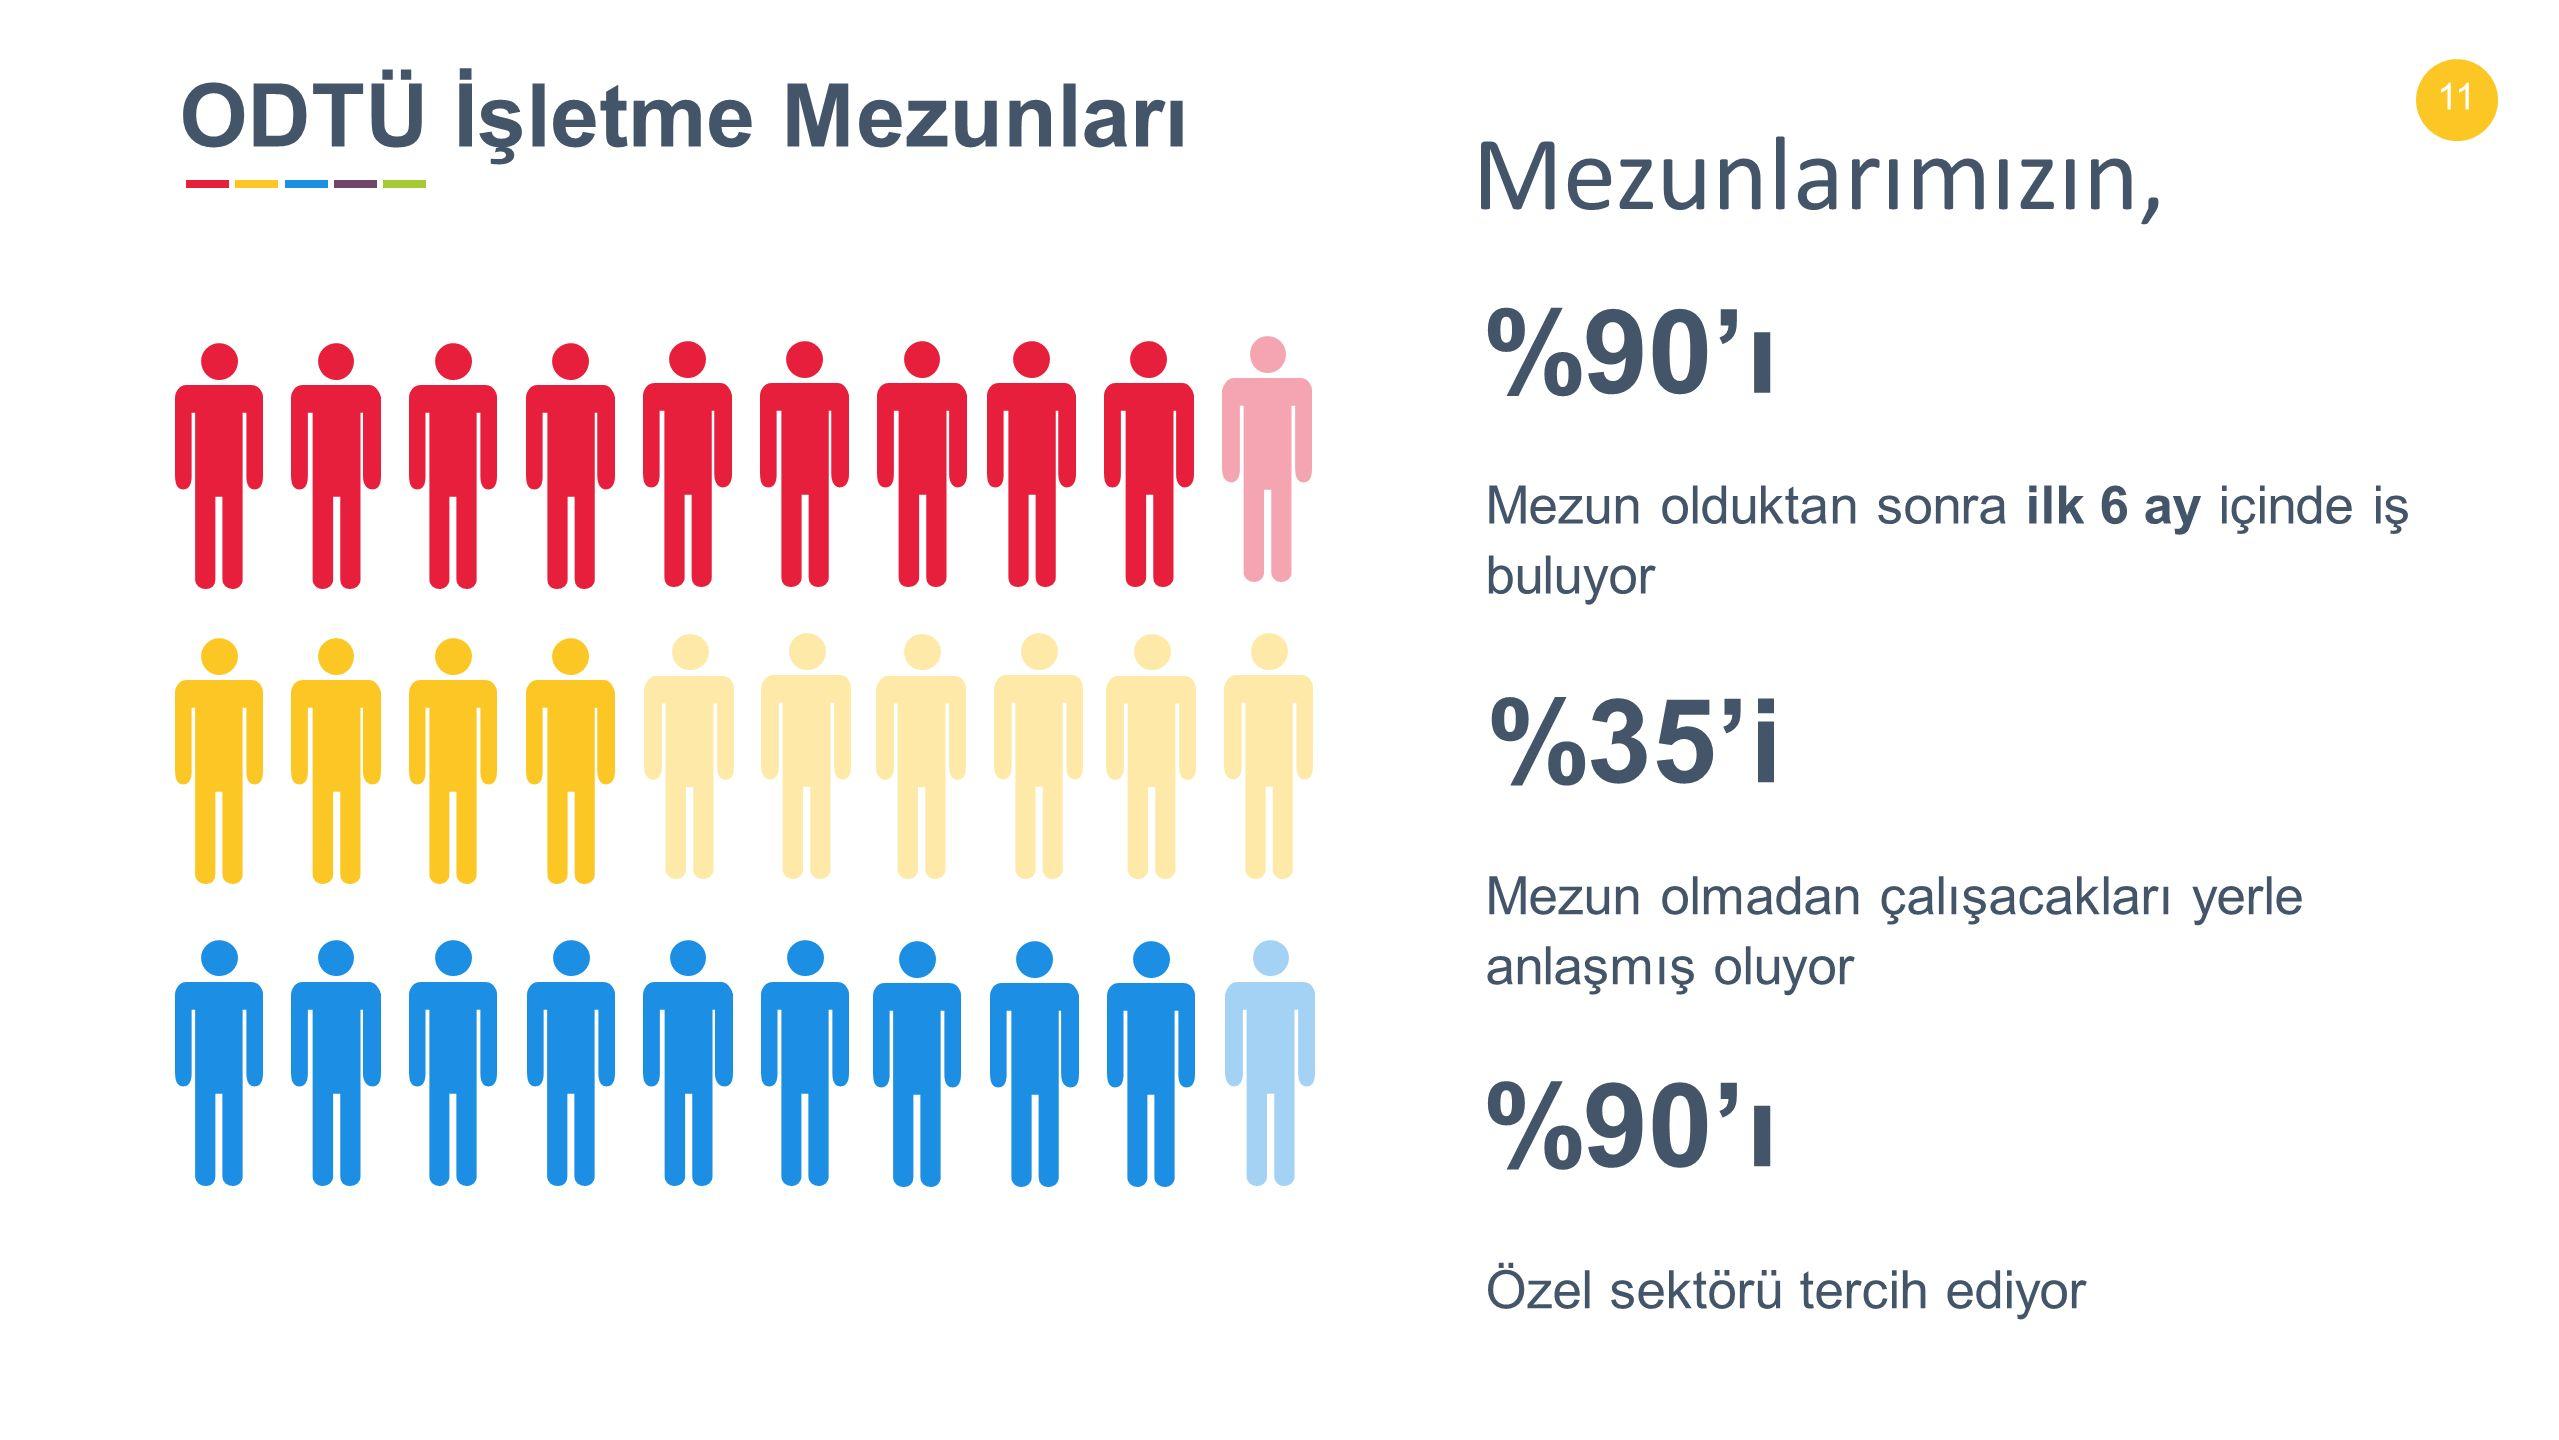 11 %35'i Mezun olmadan çalışacakları yerle anlaşmış oluyor %90'ı Özel sektörü tercih ediyor %90'ı Mezun olduktan sonra ilk 6 ay içinde iş buluyor ODTÜ İşletme Mezunları Mezunlarımızın,